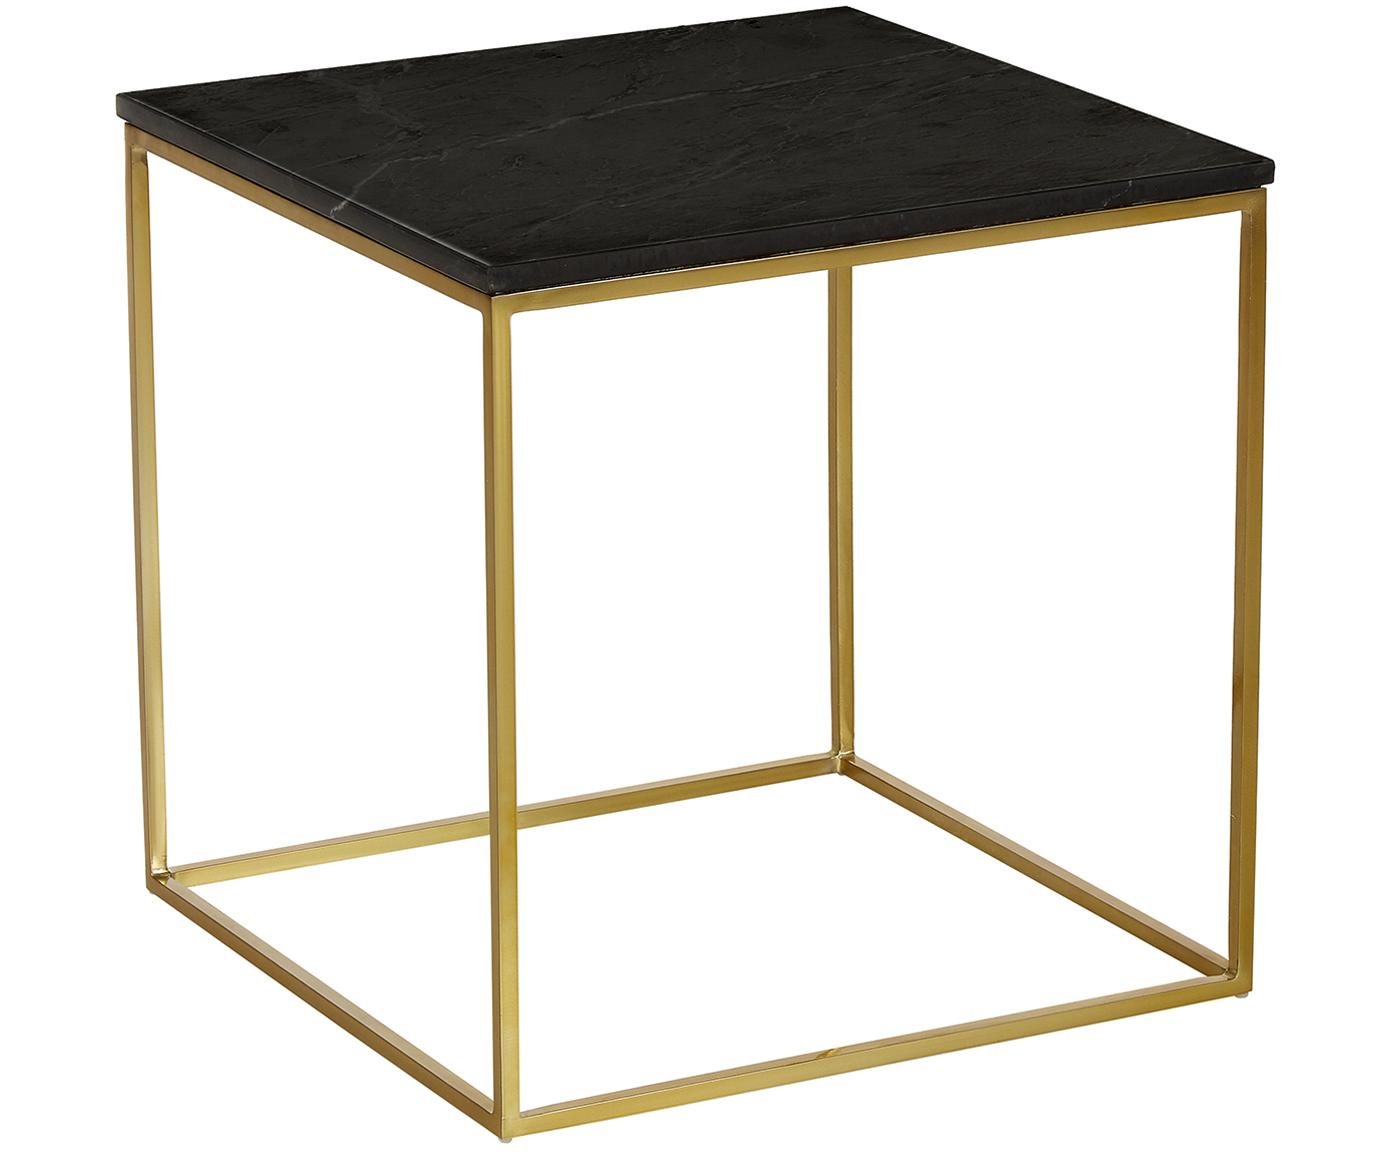 Stolik pomocniczy z marmuru Vince, Blat: marmur, Stelaż: metal powlekany, Blat: czarny Stelaż: odcienie złotego, S 50 x W 50 cm